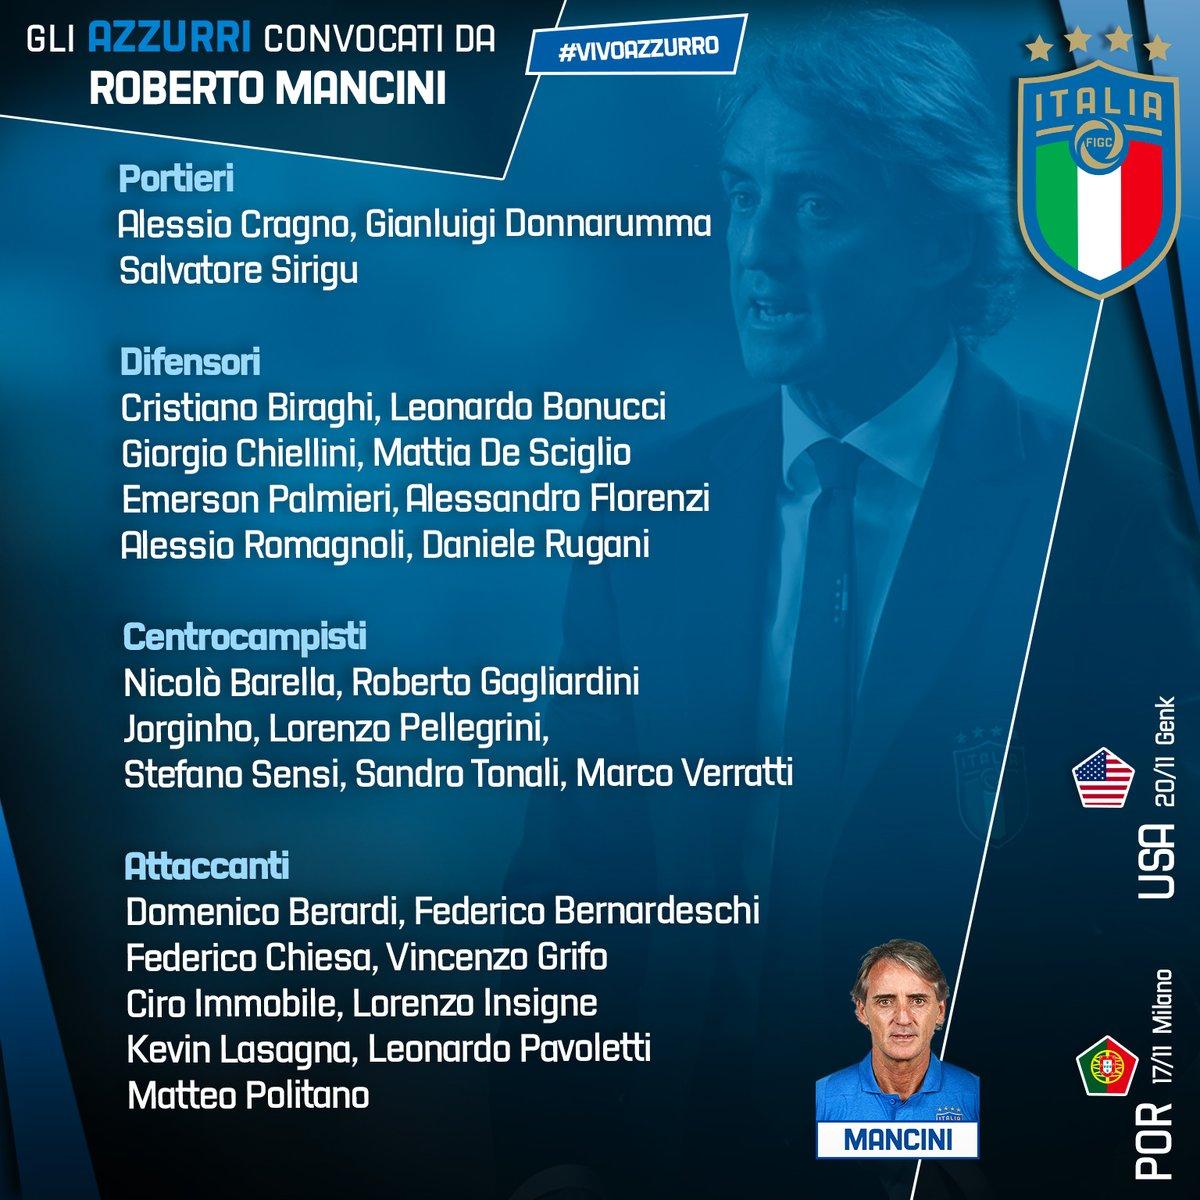 """Italia, senti Mancini: """"Dobbiamo giocare un bel calcio e far riavvicinare i tifosi"""""""